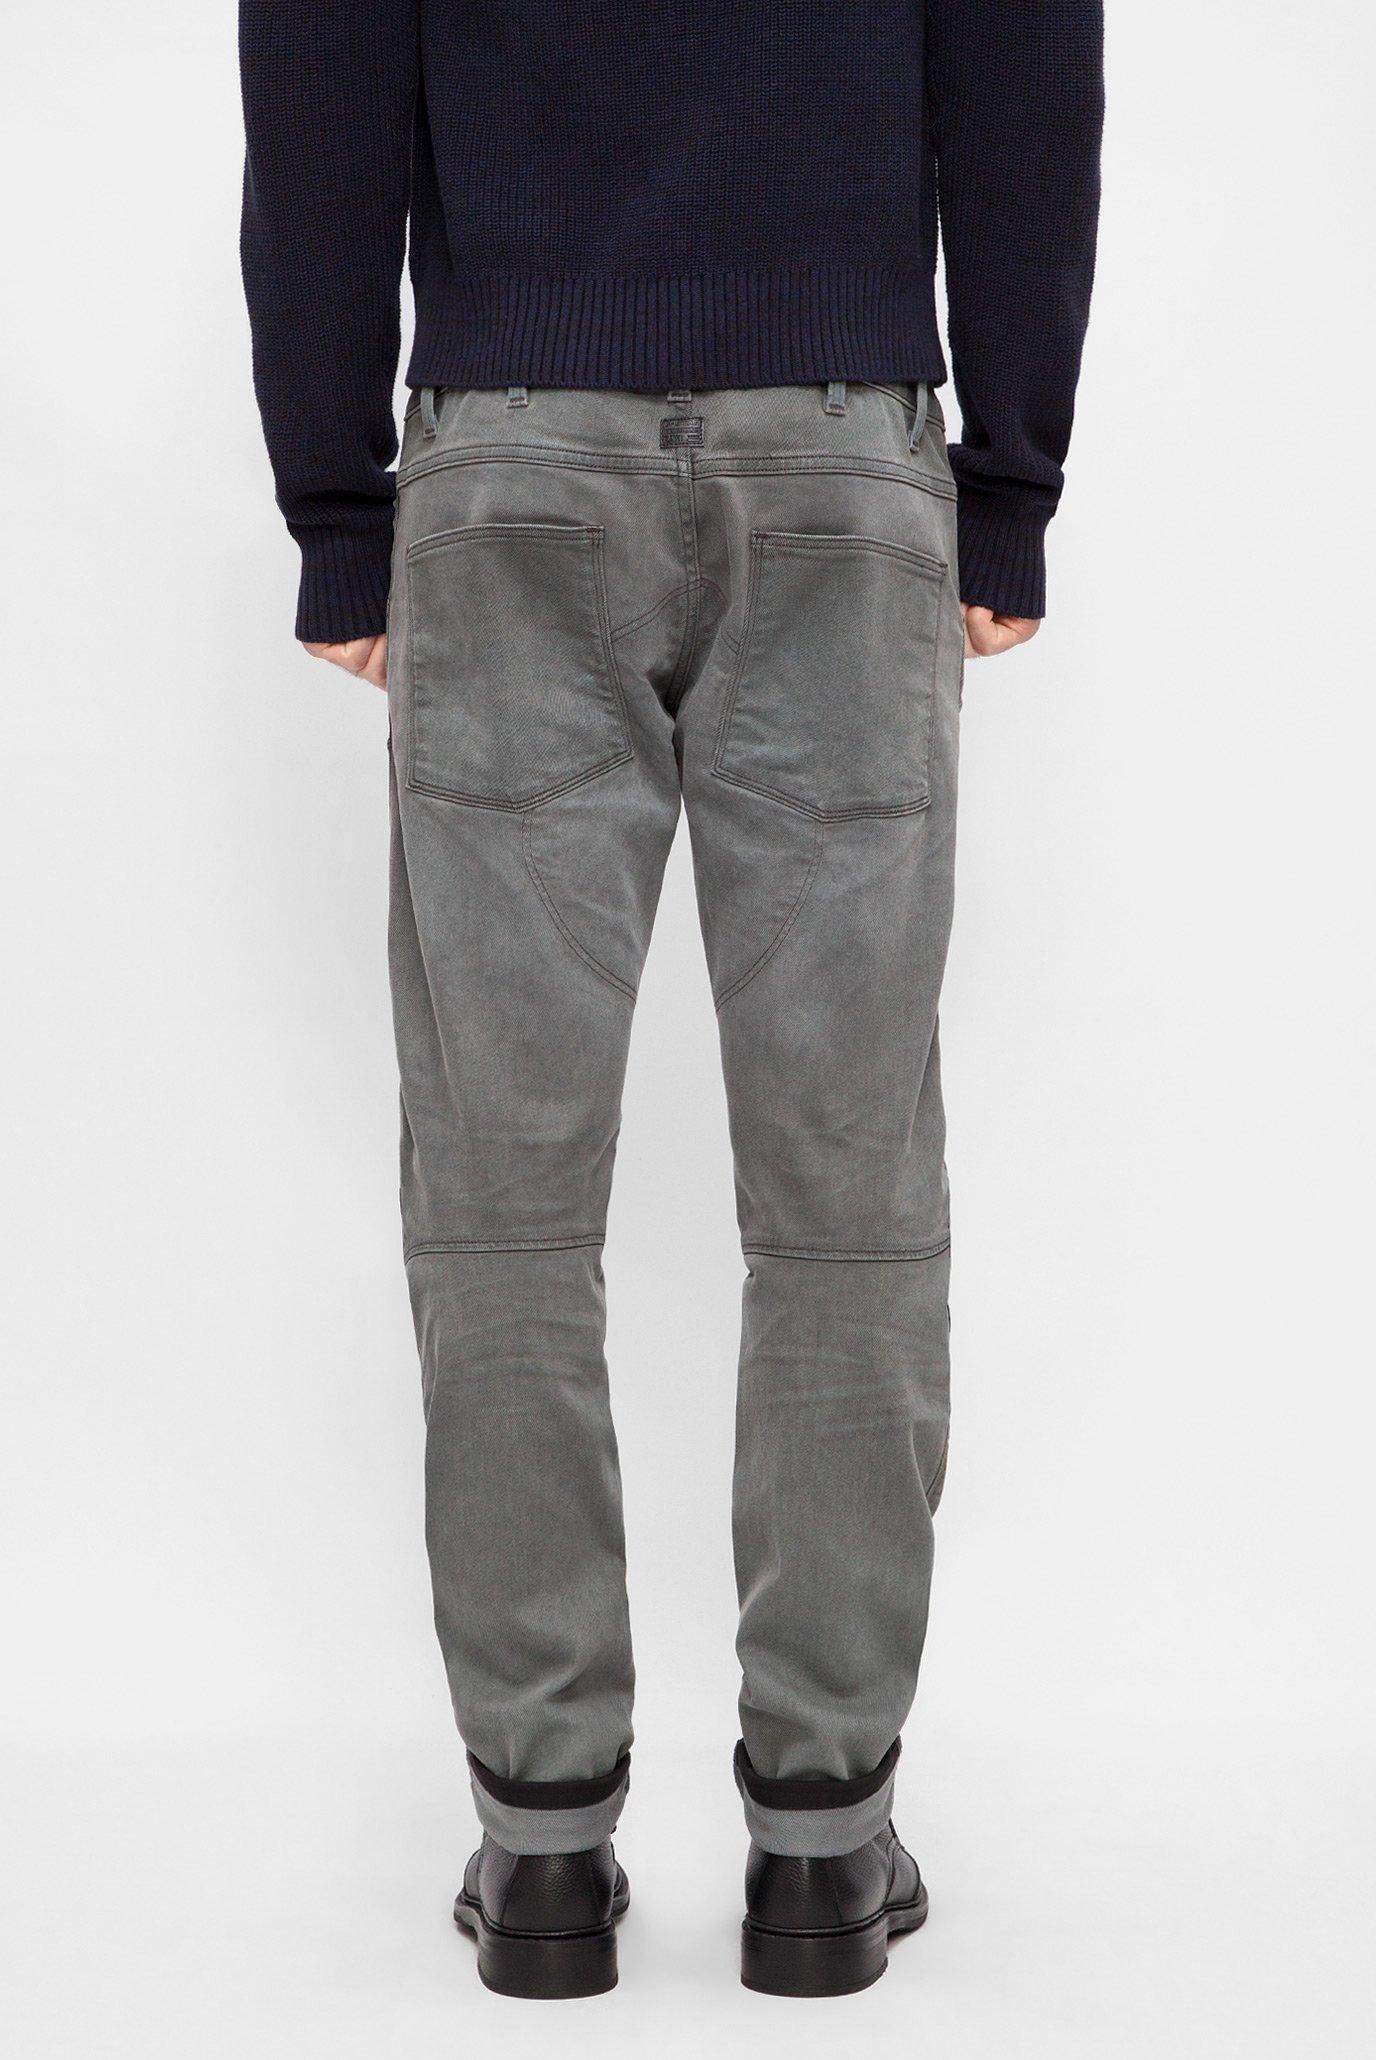 Купить Мужские серые джинсы 3D Slim G-Star RAW G-Star RAW D06191,9180 – Киев, Украина. Цены в интернет магазине MD Fashion